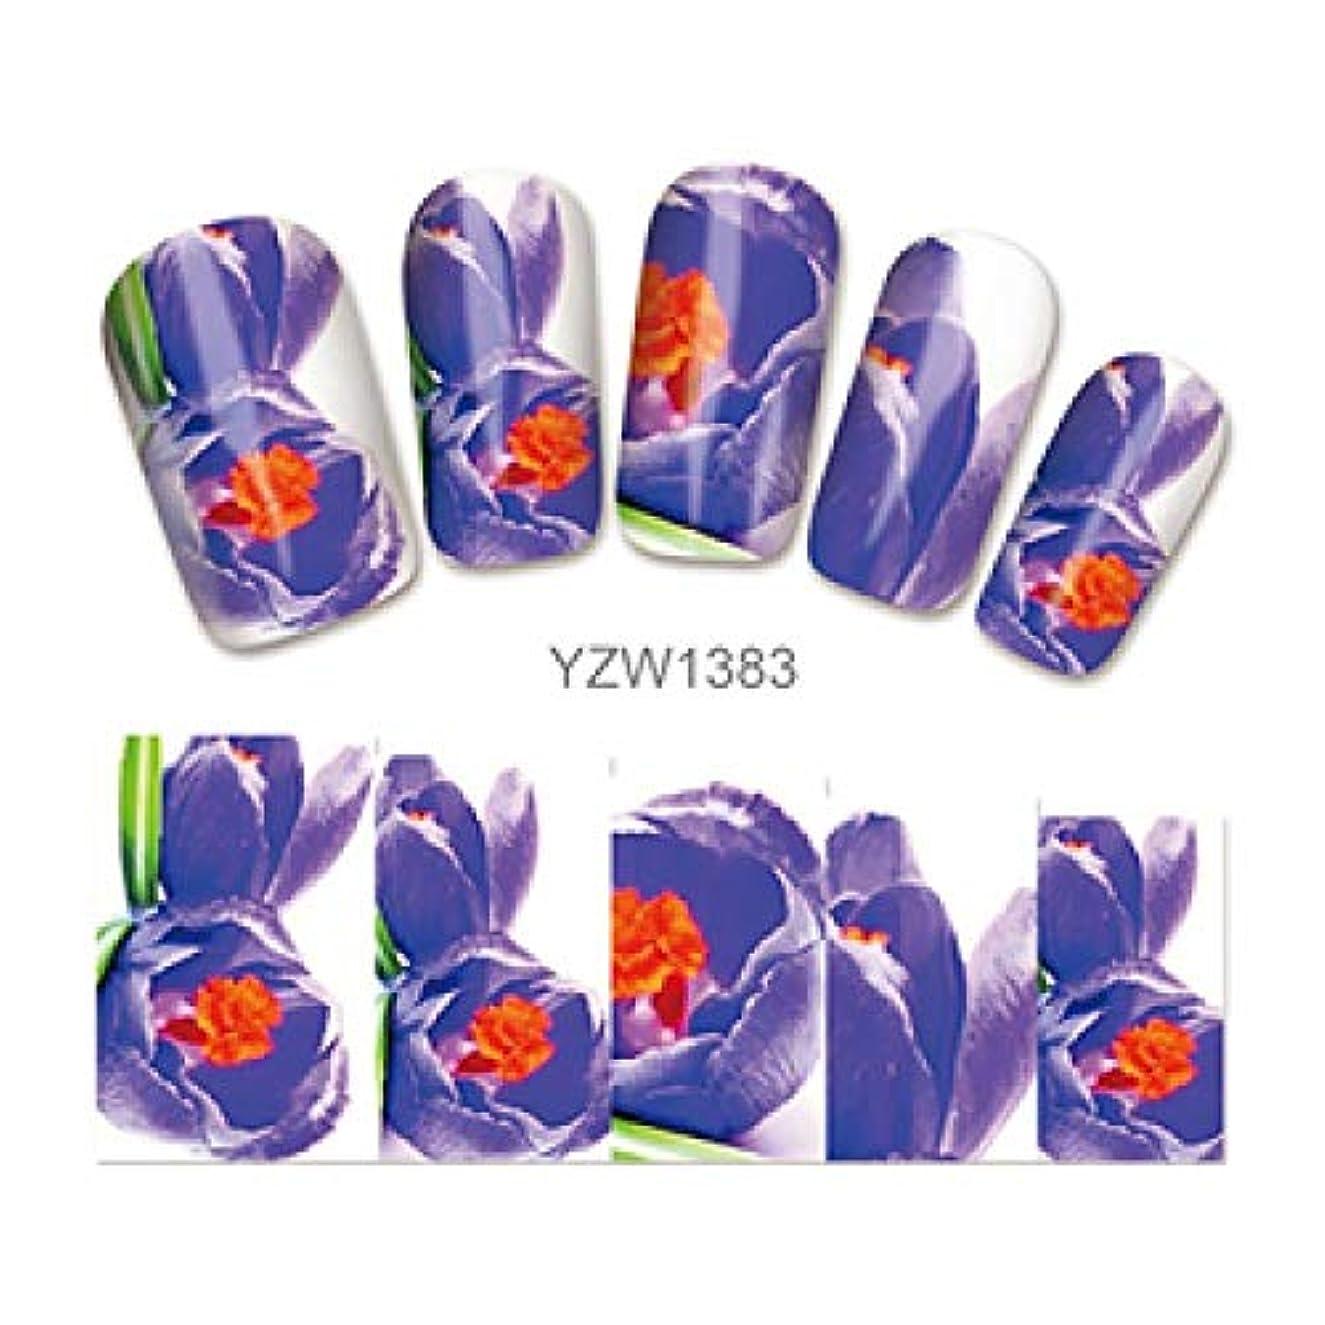 匹敵しますロープ極端なSUKTI&XIAO ネイルステッカー 1枚のシートの釘、Yzw1383のための任意完全なカバー釘水ステッカーの多彩な花模様のステッカー